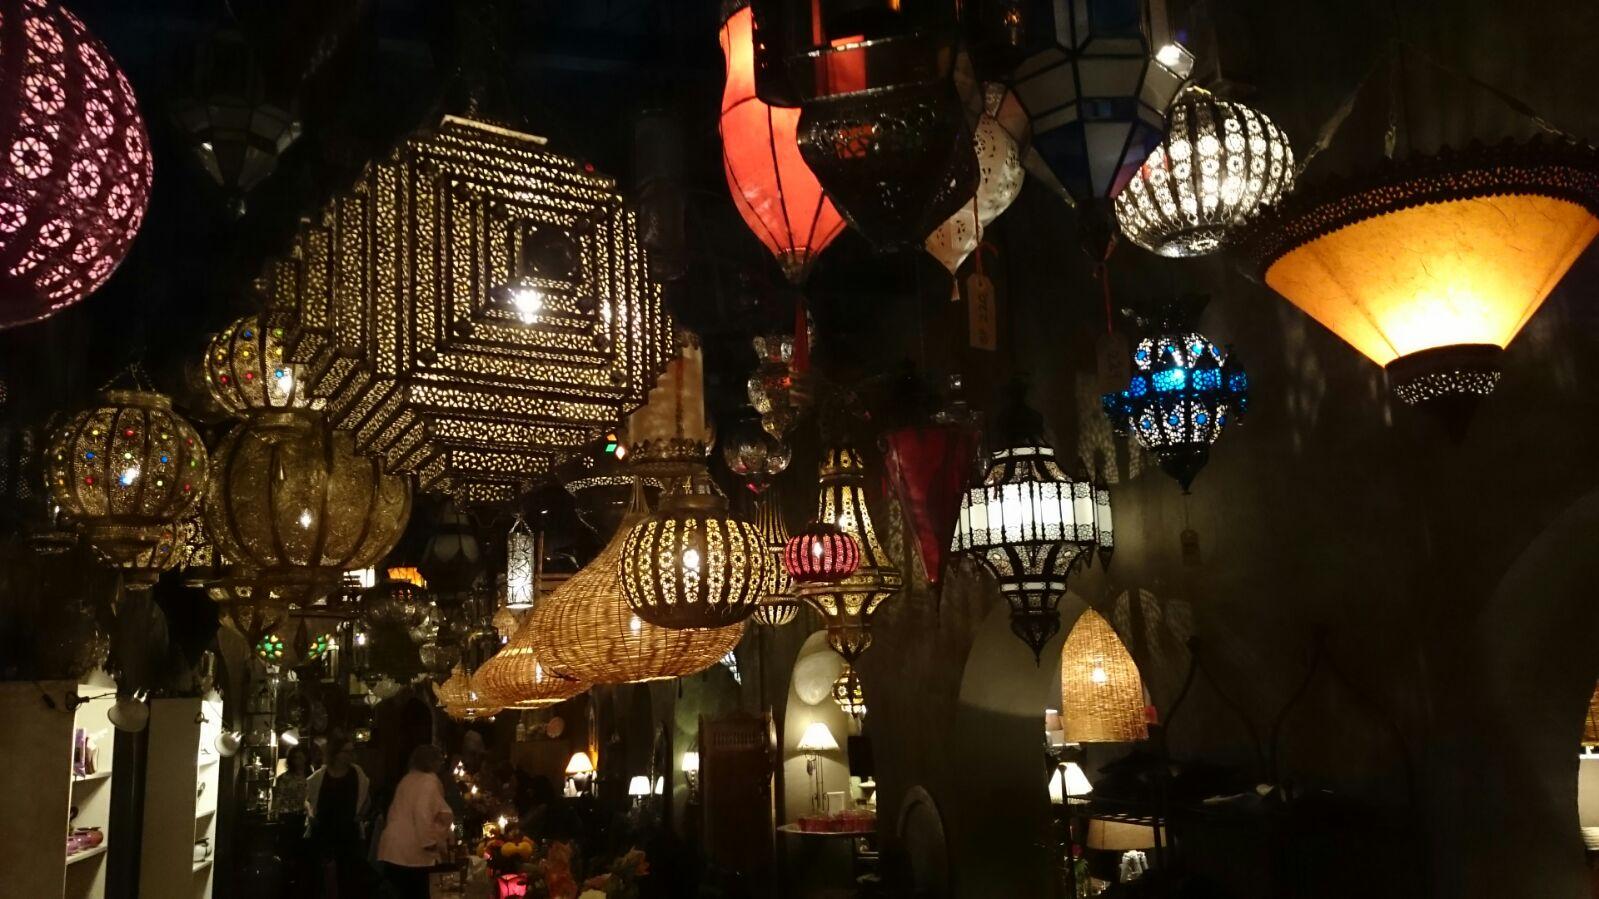 mischas reiseseite hamburg meets orient ein bi chen tausendundeine nacht in gro borstel. Black Bedroom Furniture Sets. Home Design Ideas